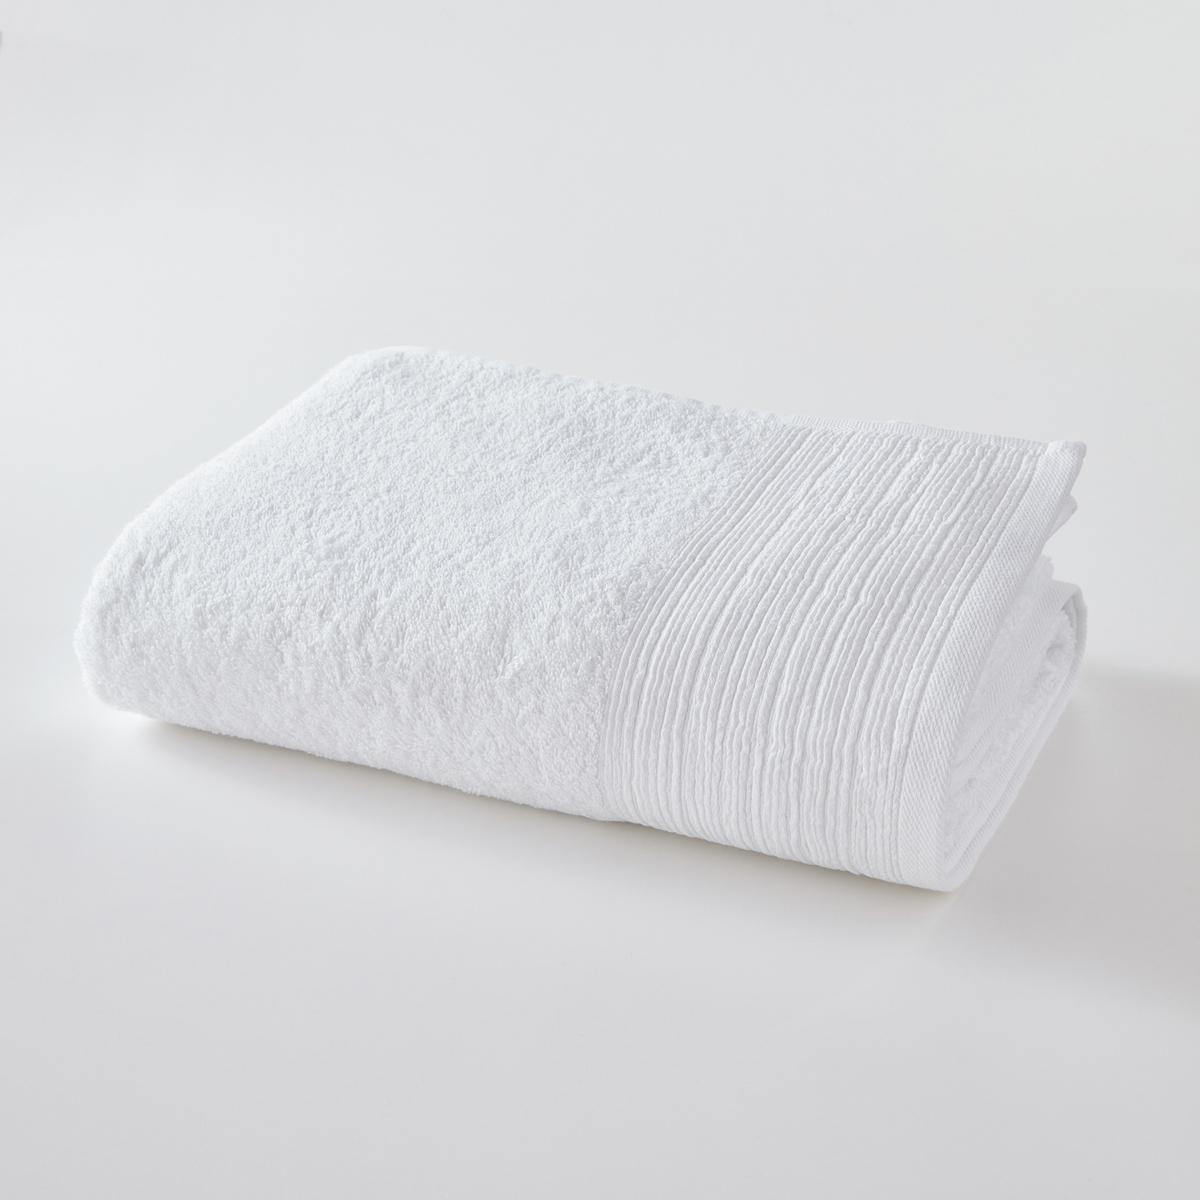 Полотенце La Redoute Банное большое однотонное из махровой ткани биохлопка 100 x 150 см белый